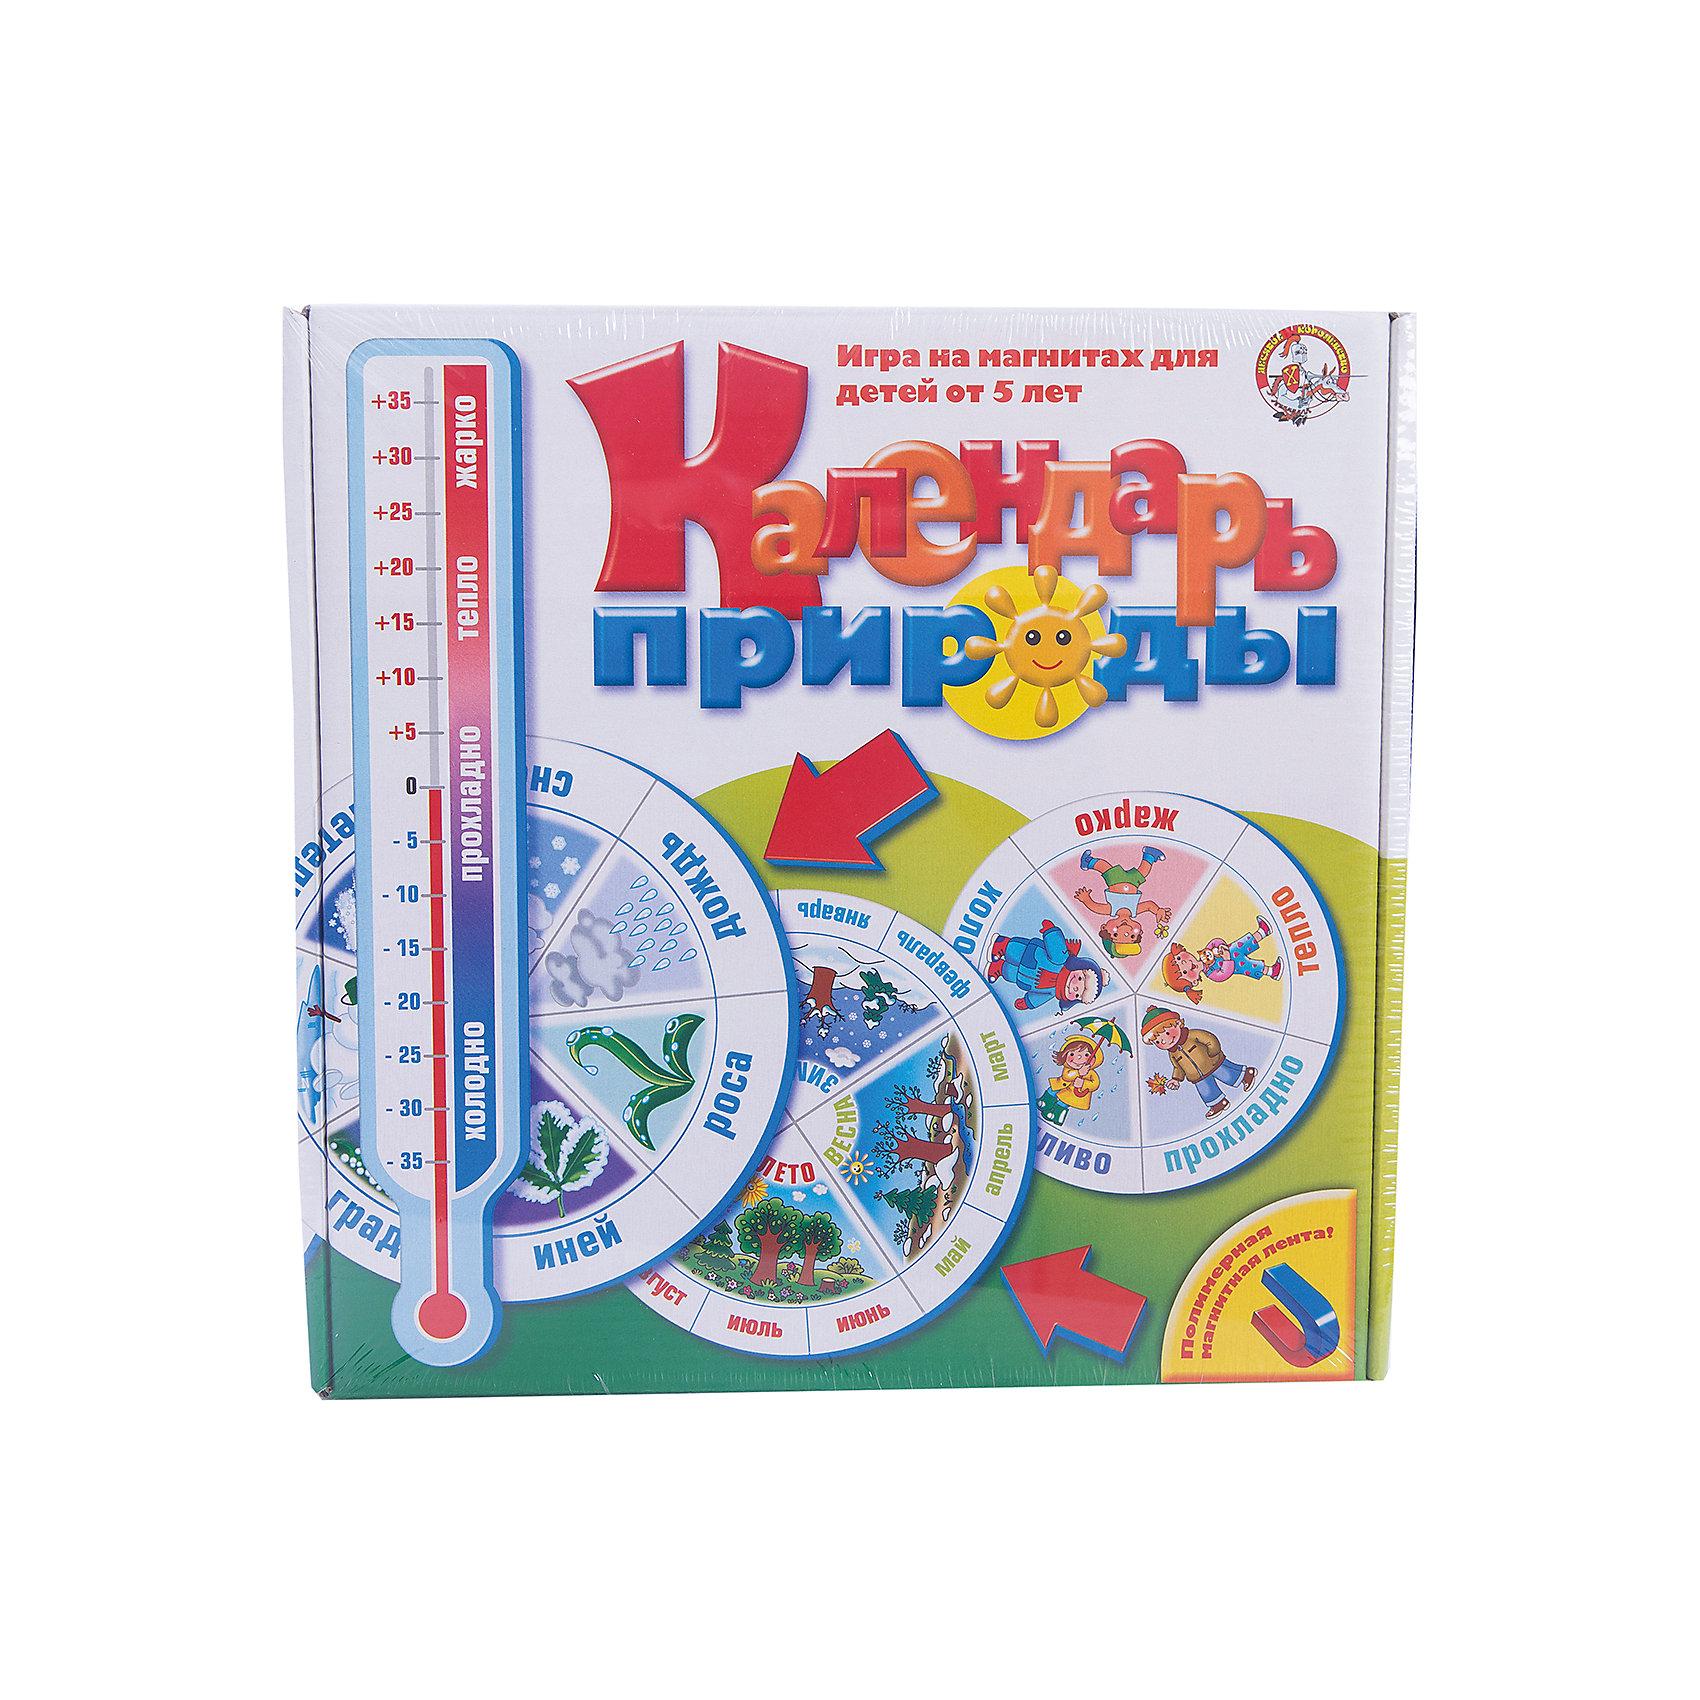 Календарь природы, Десятое королевствоРазвивающие игры<br>Календарь природы, Десятое королевство<br><br>Характеристики: <br><br>• Возраст: от 4 лет<br>• Материал: картон, полимерный материал, магнитная лента<br>• Количество участников: от 2<br>• В комплекте: 6 больших и 2 малых игровых кругов, 6 карточек с годами, 16 стрелок, термометр, магнитная лента, карточка с праздниками, числовая шкала <br><br>Этот красочный календарь познакомит вашего ребенка со сменой времен года, названиями месяцев, их последовательностью, днями недели, погодными явлениями и многими другими вещами, полезными для развития малыша. Подходит для детей от 4 лет. Особенностью этого набора является то, что календарь можно сделать самому из материалов, поставляющихся в наборе.<br><br>Календарь природы, Десятое королевство можно купить в нашем интернет-магазине.<br><br>Ширина мм: 285<br>Глубина мм: 280<br>Высота мм: 40<br>Вес г: 309<br>Возраст от месяцев: 60<br>Возраст до месяцев: 84<br>Пол: Унисекс<br>Возраст: Детский<br>SKU: 5473753